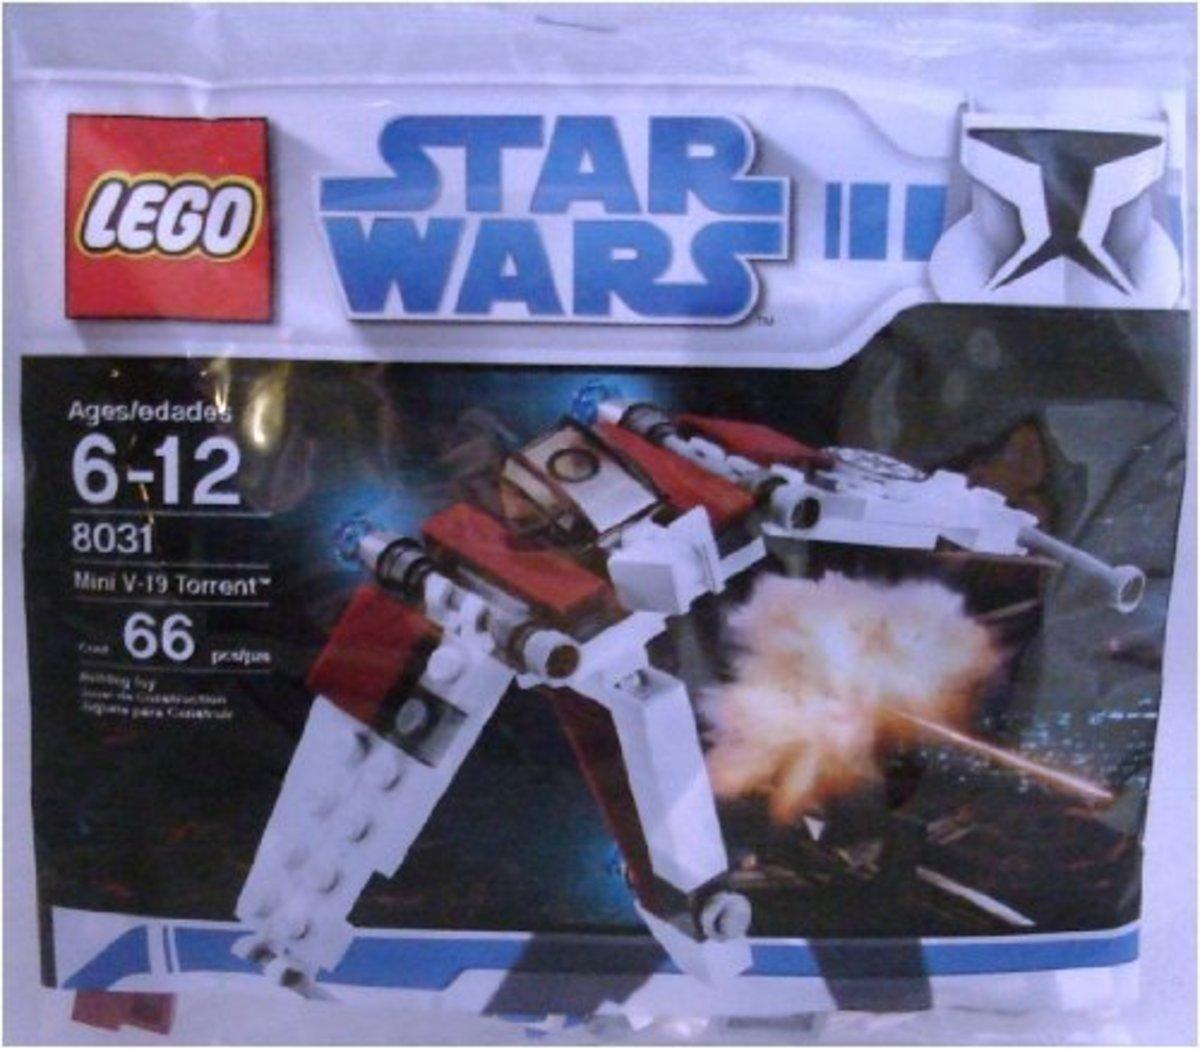 LEGO Star Wars V-19 Torrent 8031 Bag